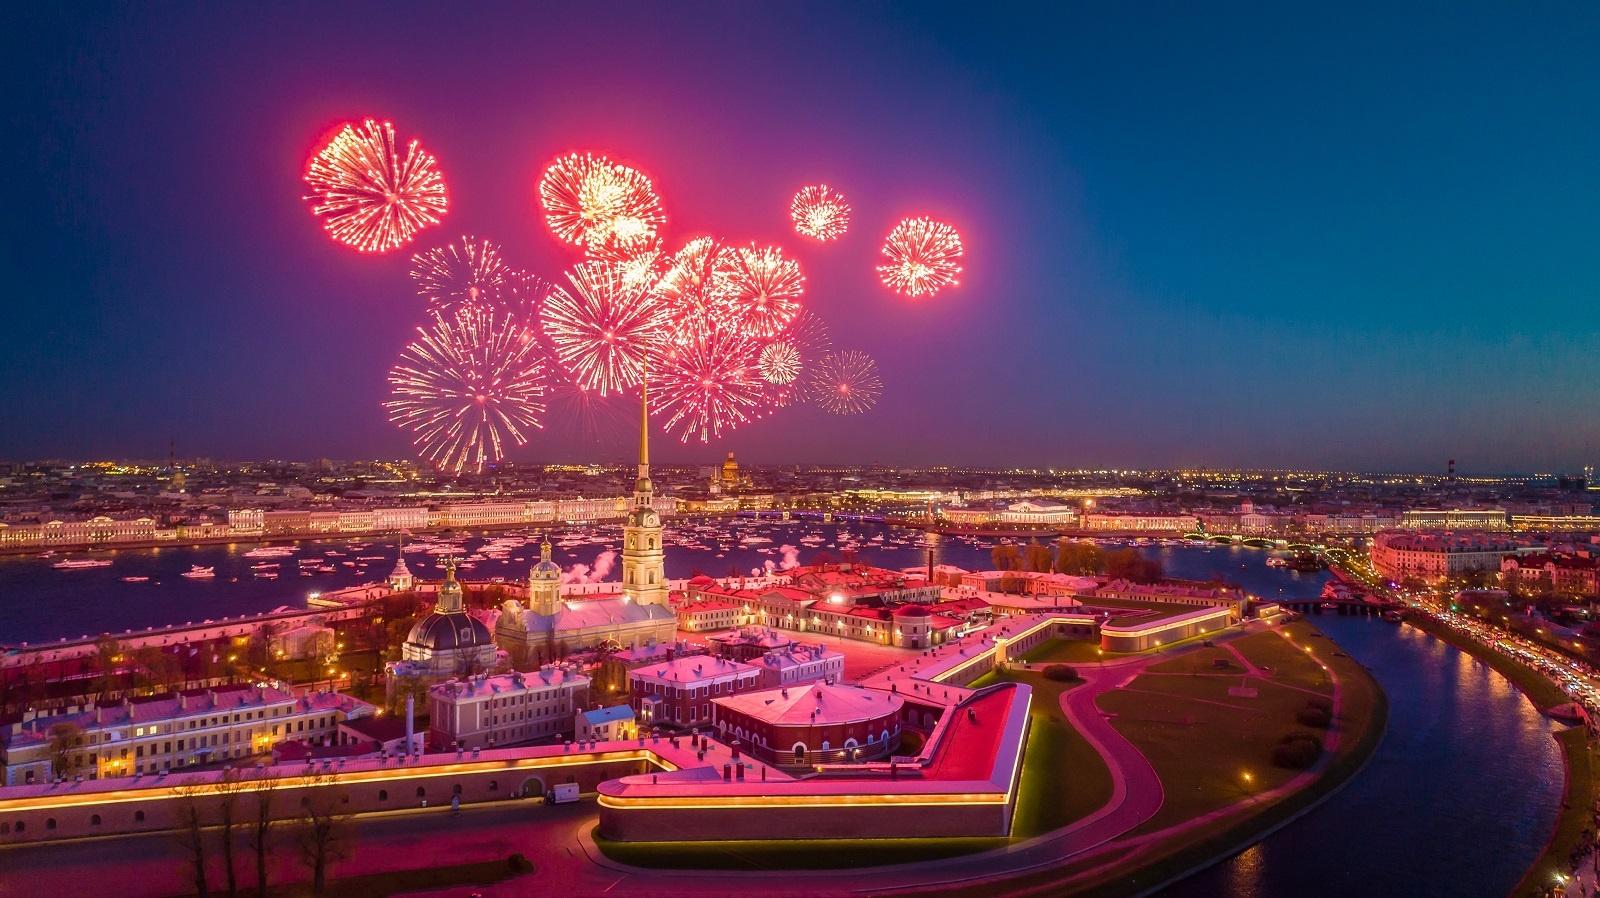 Feuerwerk über der Peter und Paul Festung in Sankt Petersburg